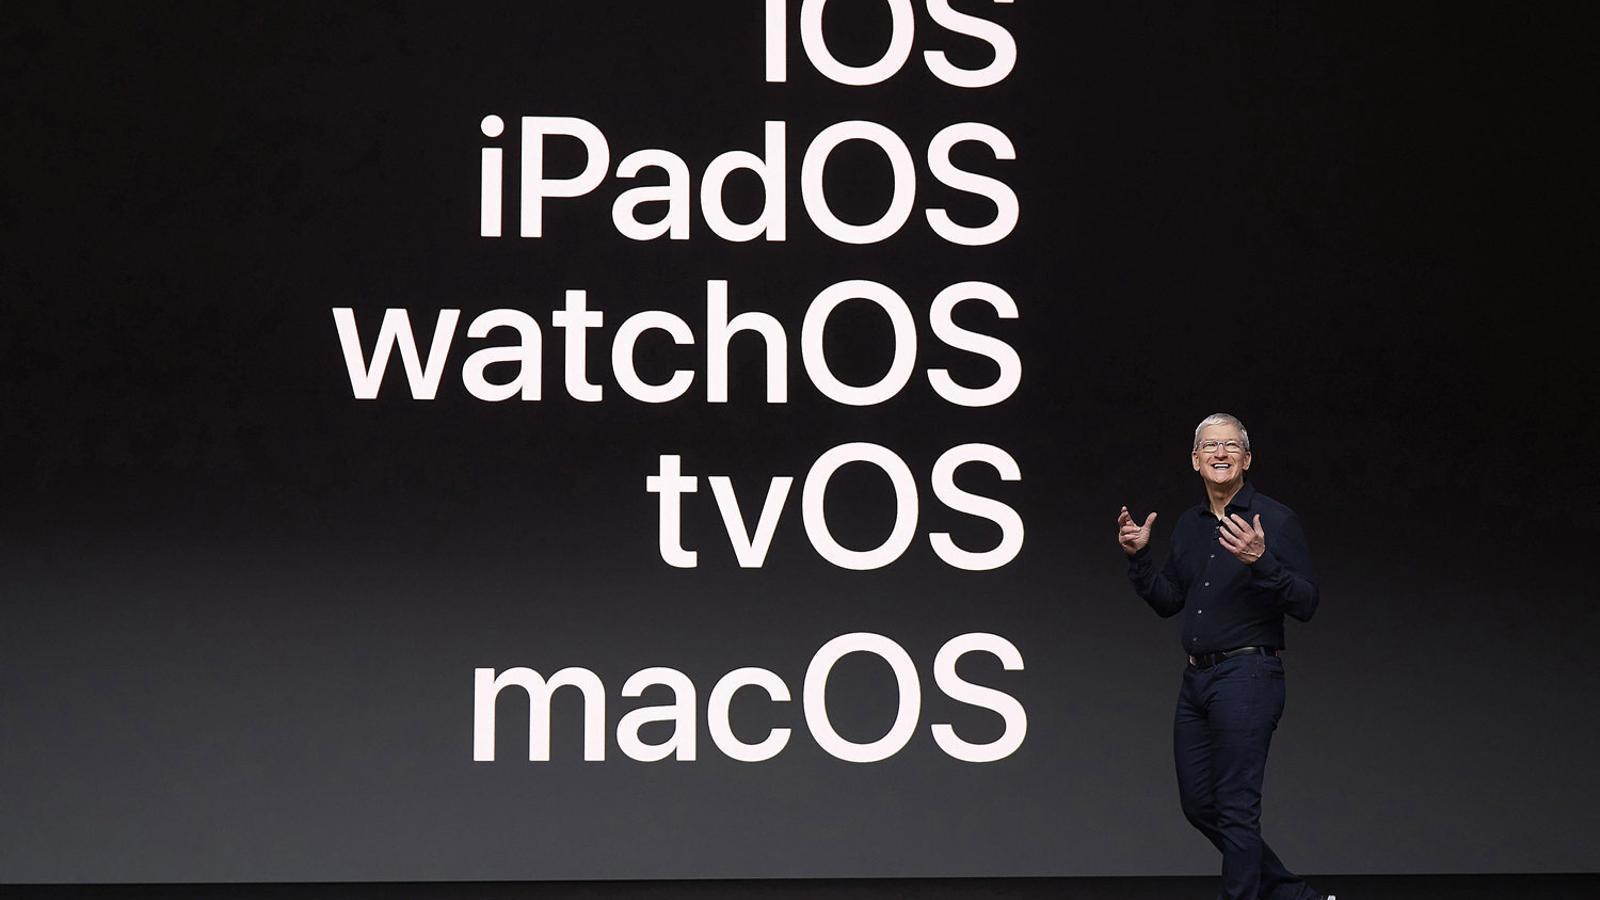 Apple posarà xips de mòbil als Mac